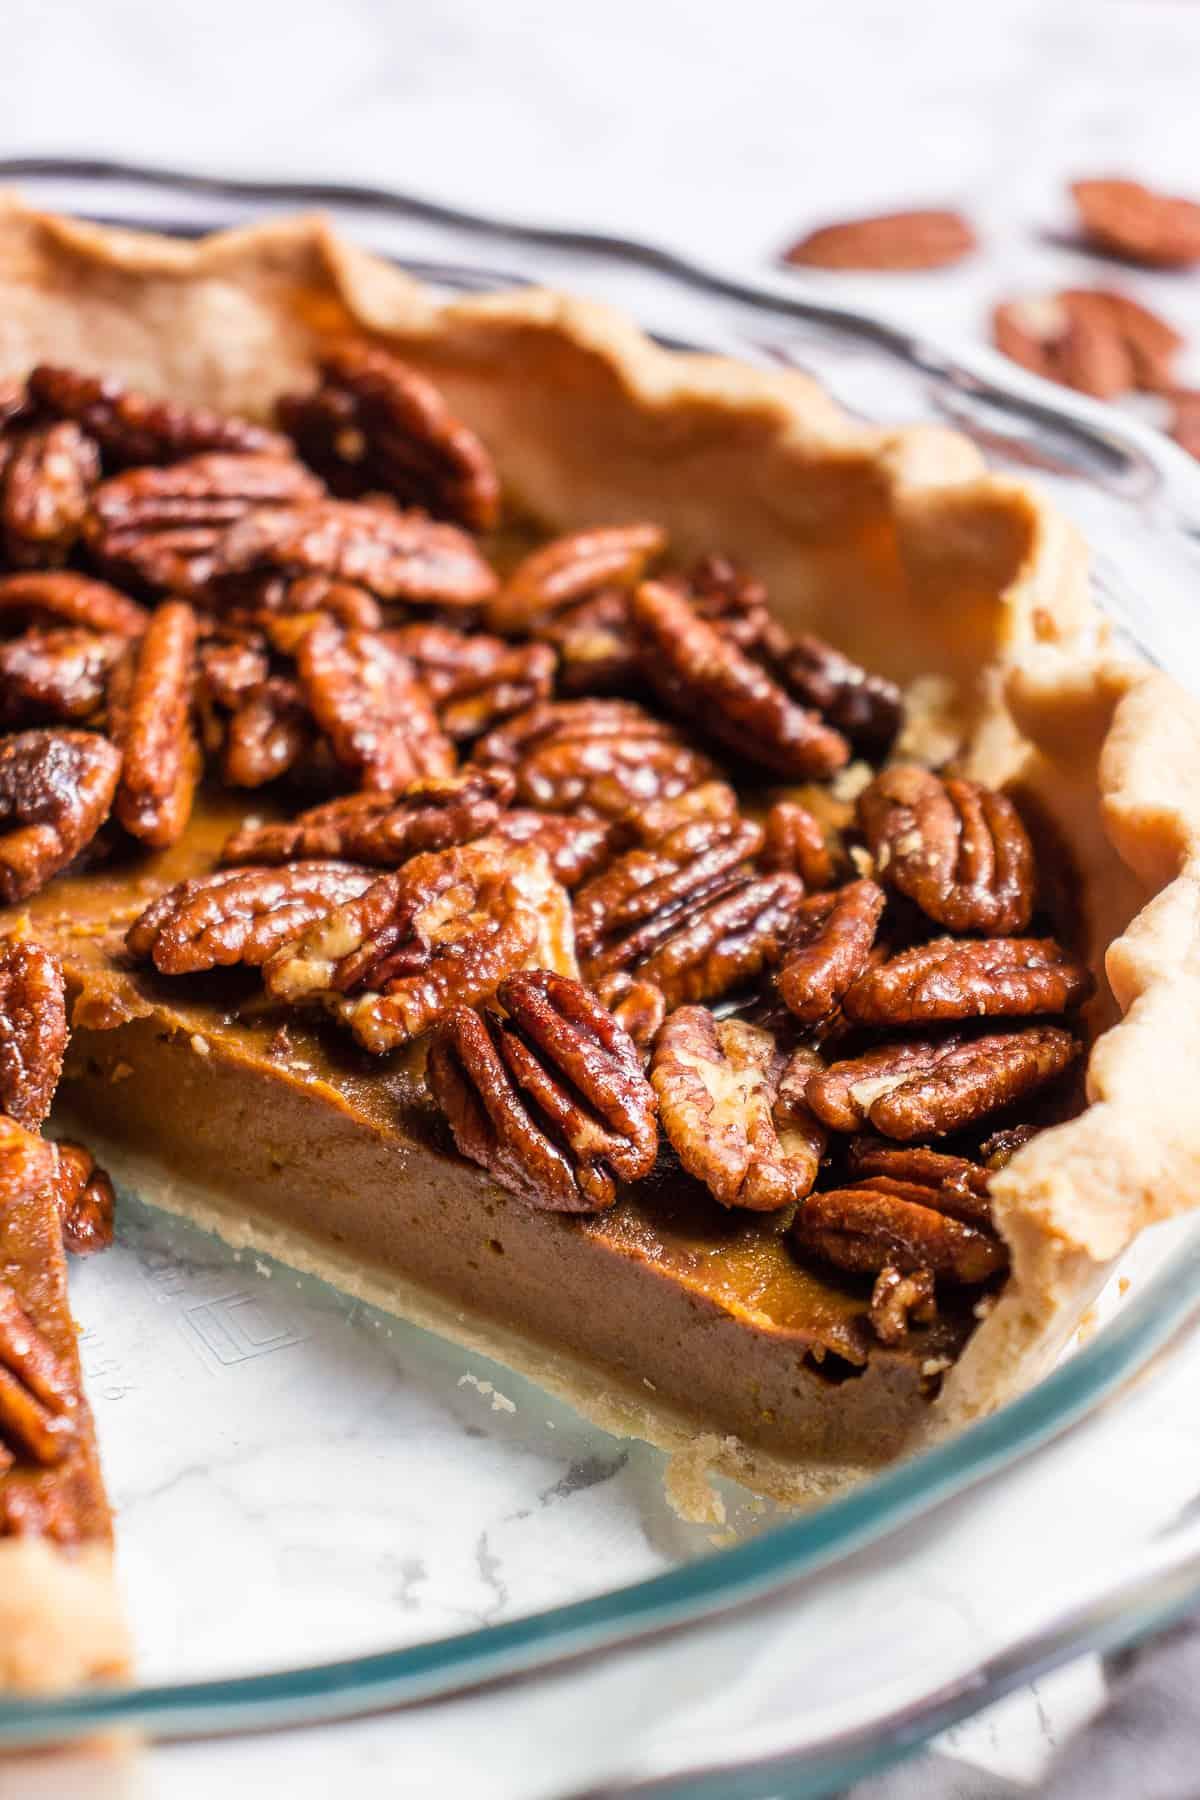 Vegan Pumpkin Pie With Caramel And Pecans